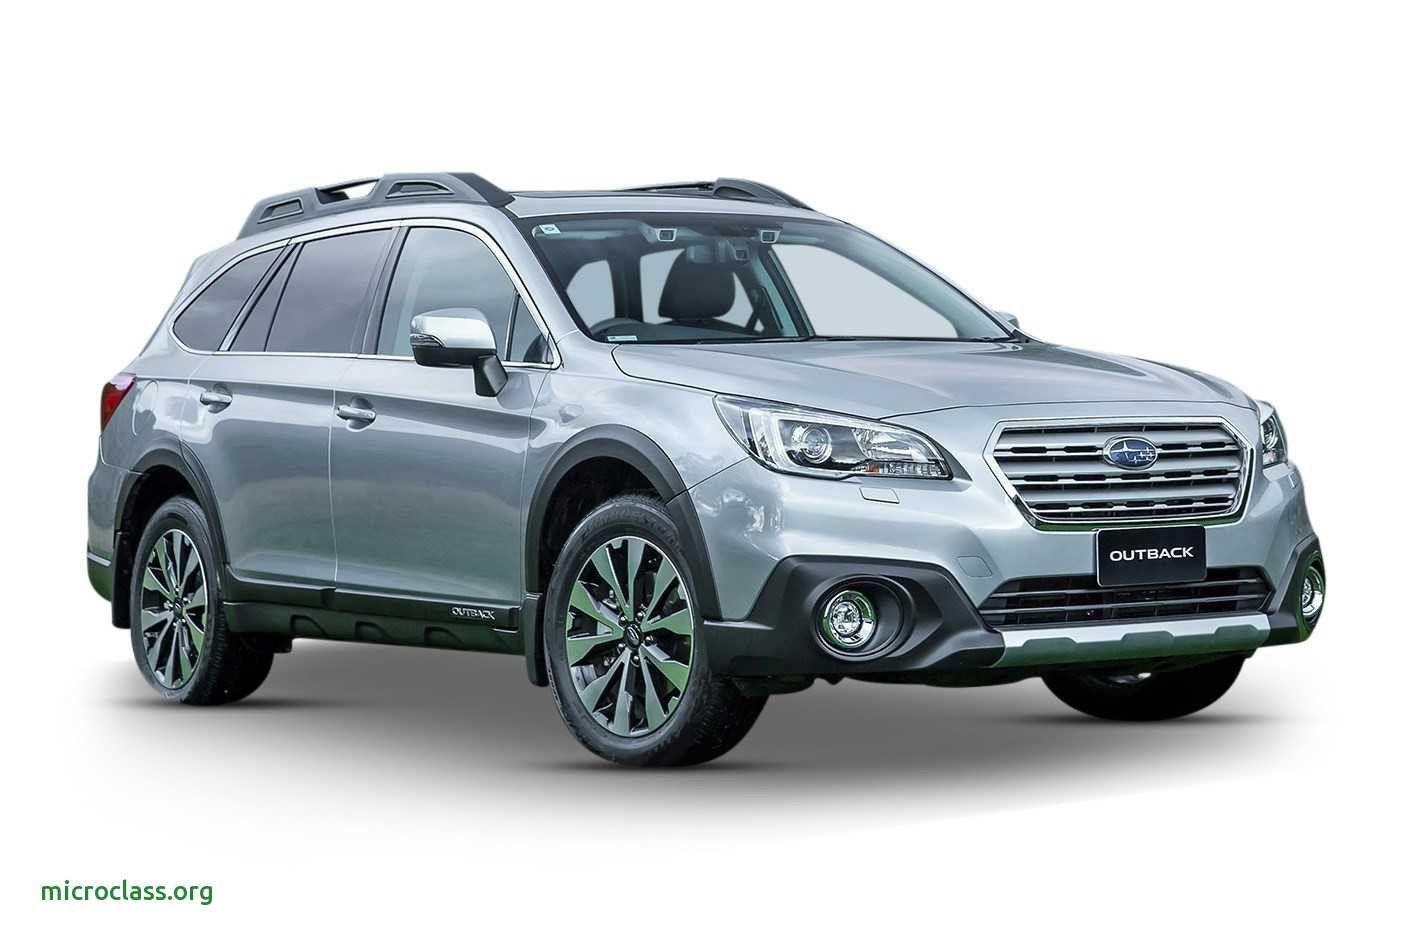 2019 toyota Rav4 Subaru outback, Toyota suv, Toyota rav4